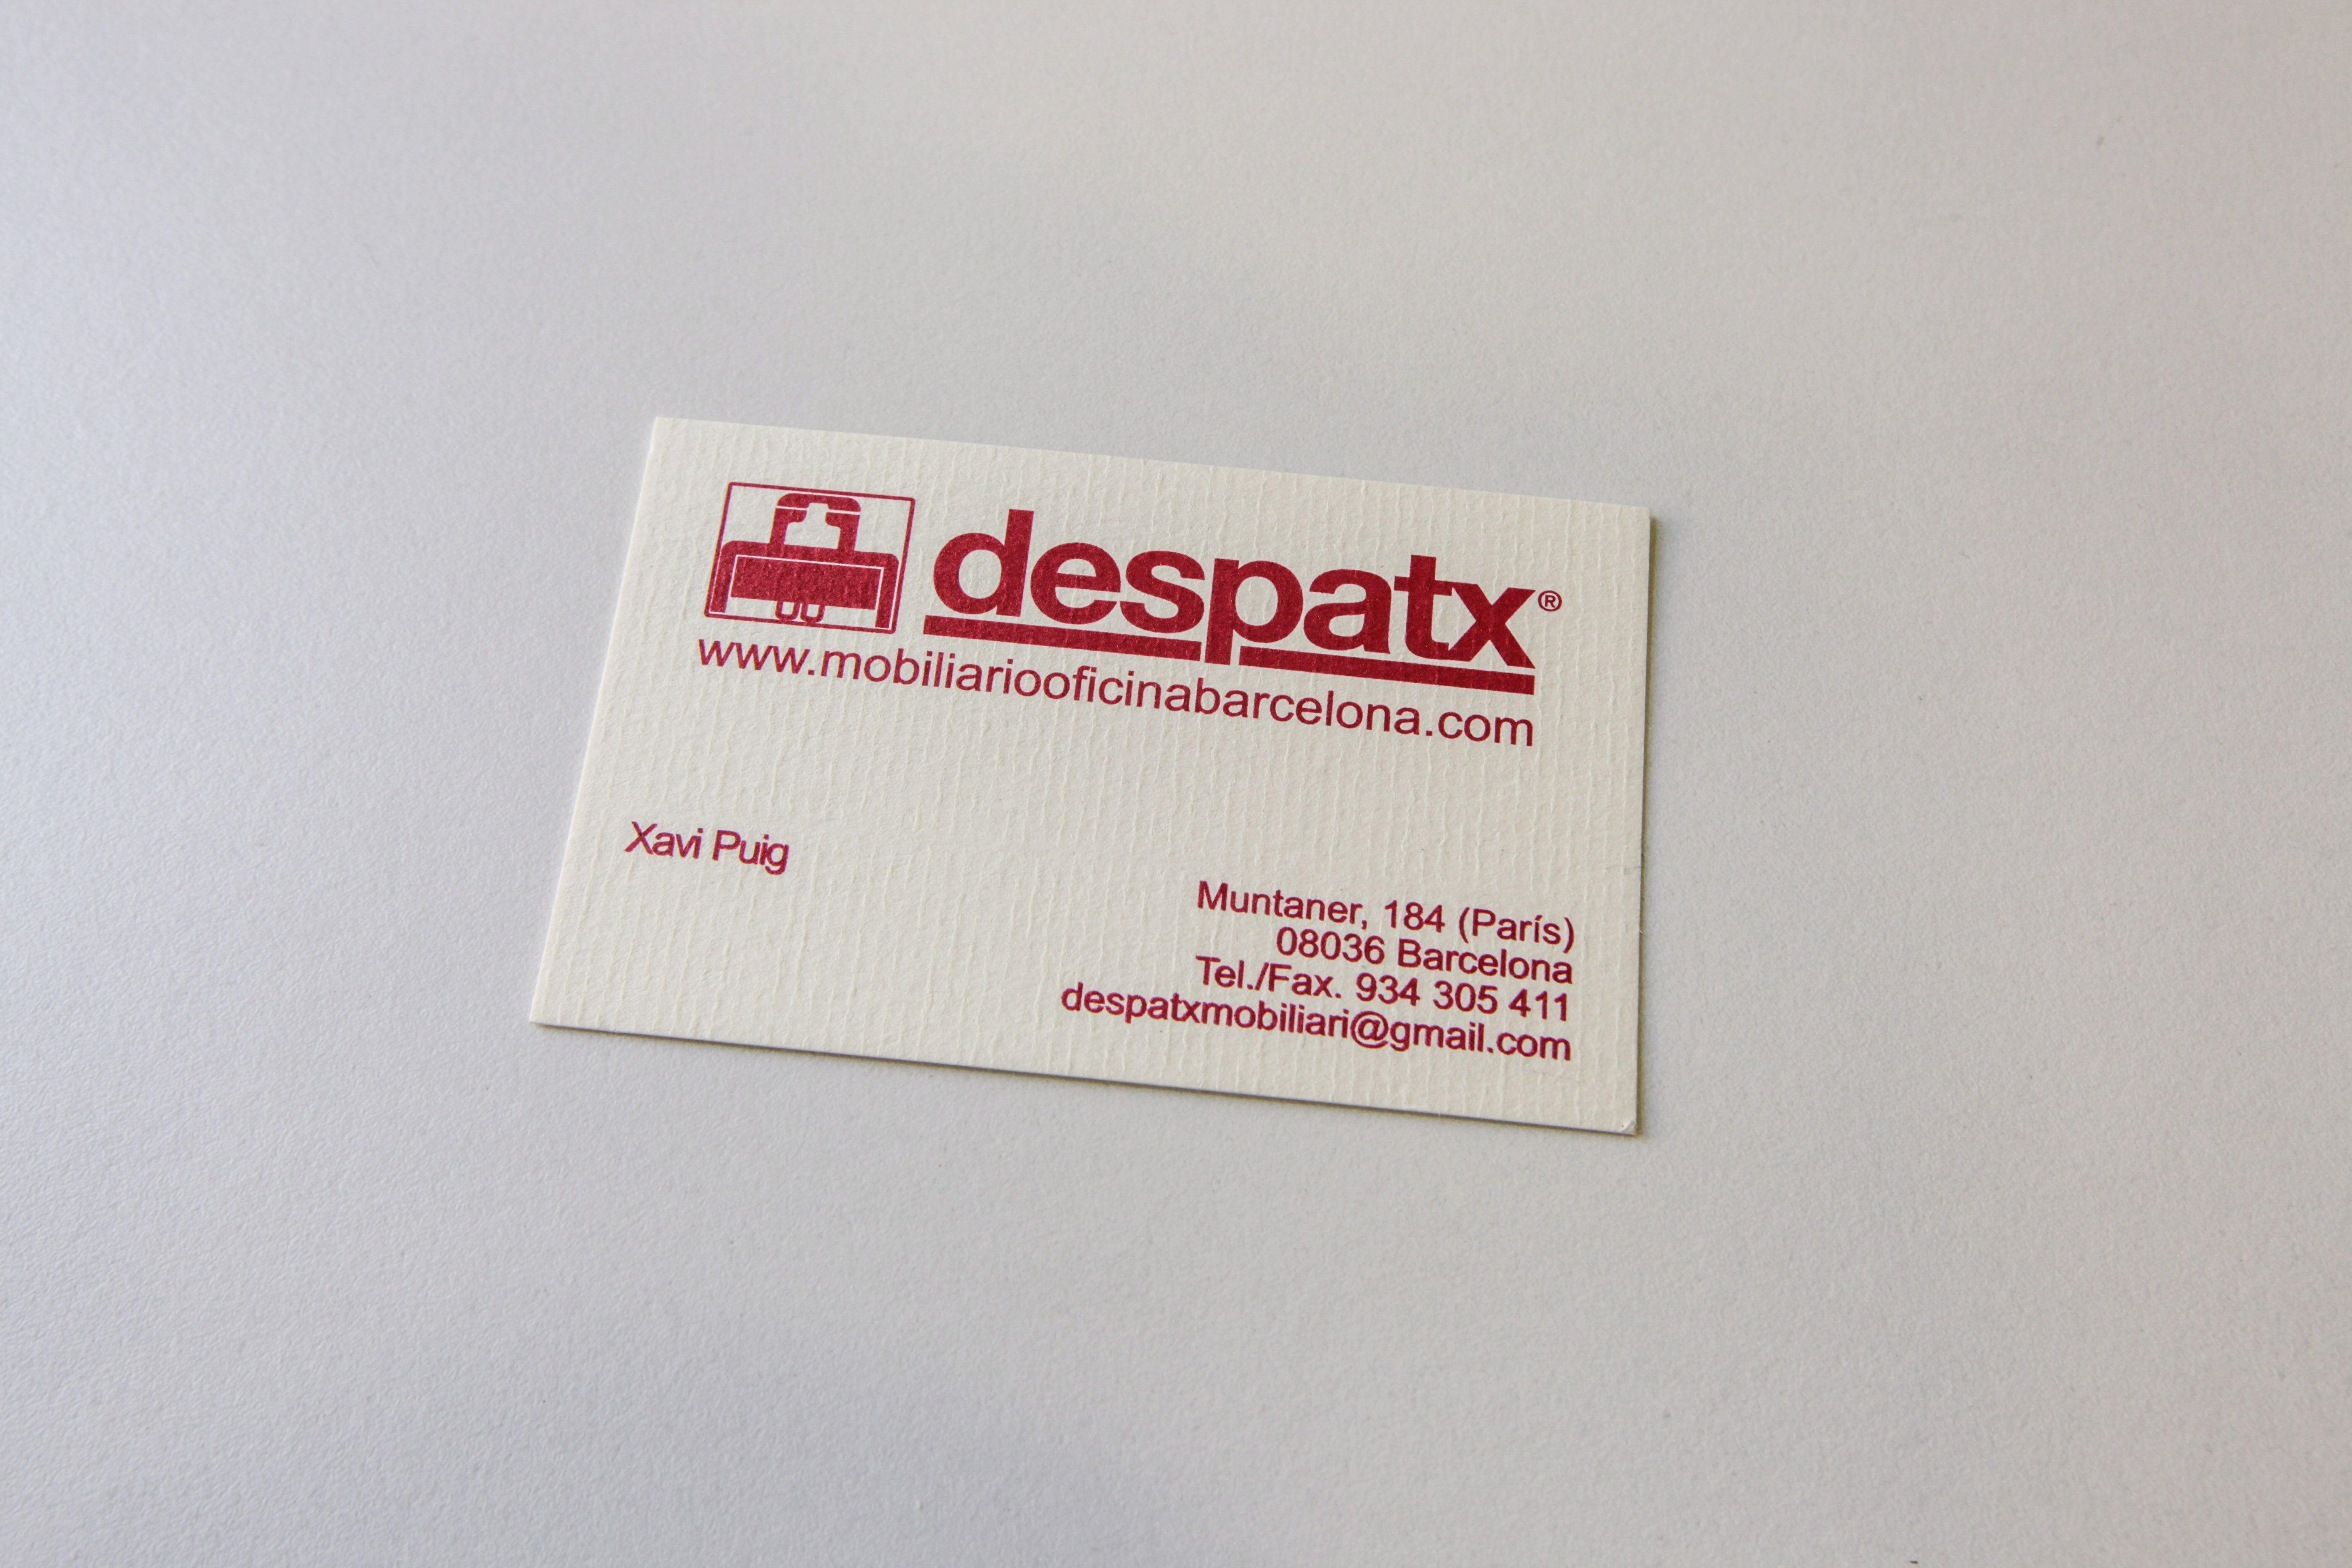 Foto 15 de Mobiliario de oficina en barcelona | Despatx